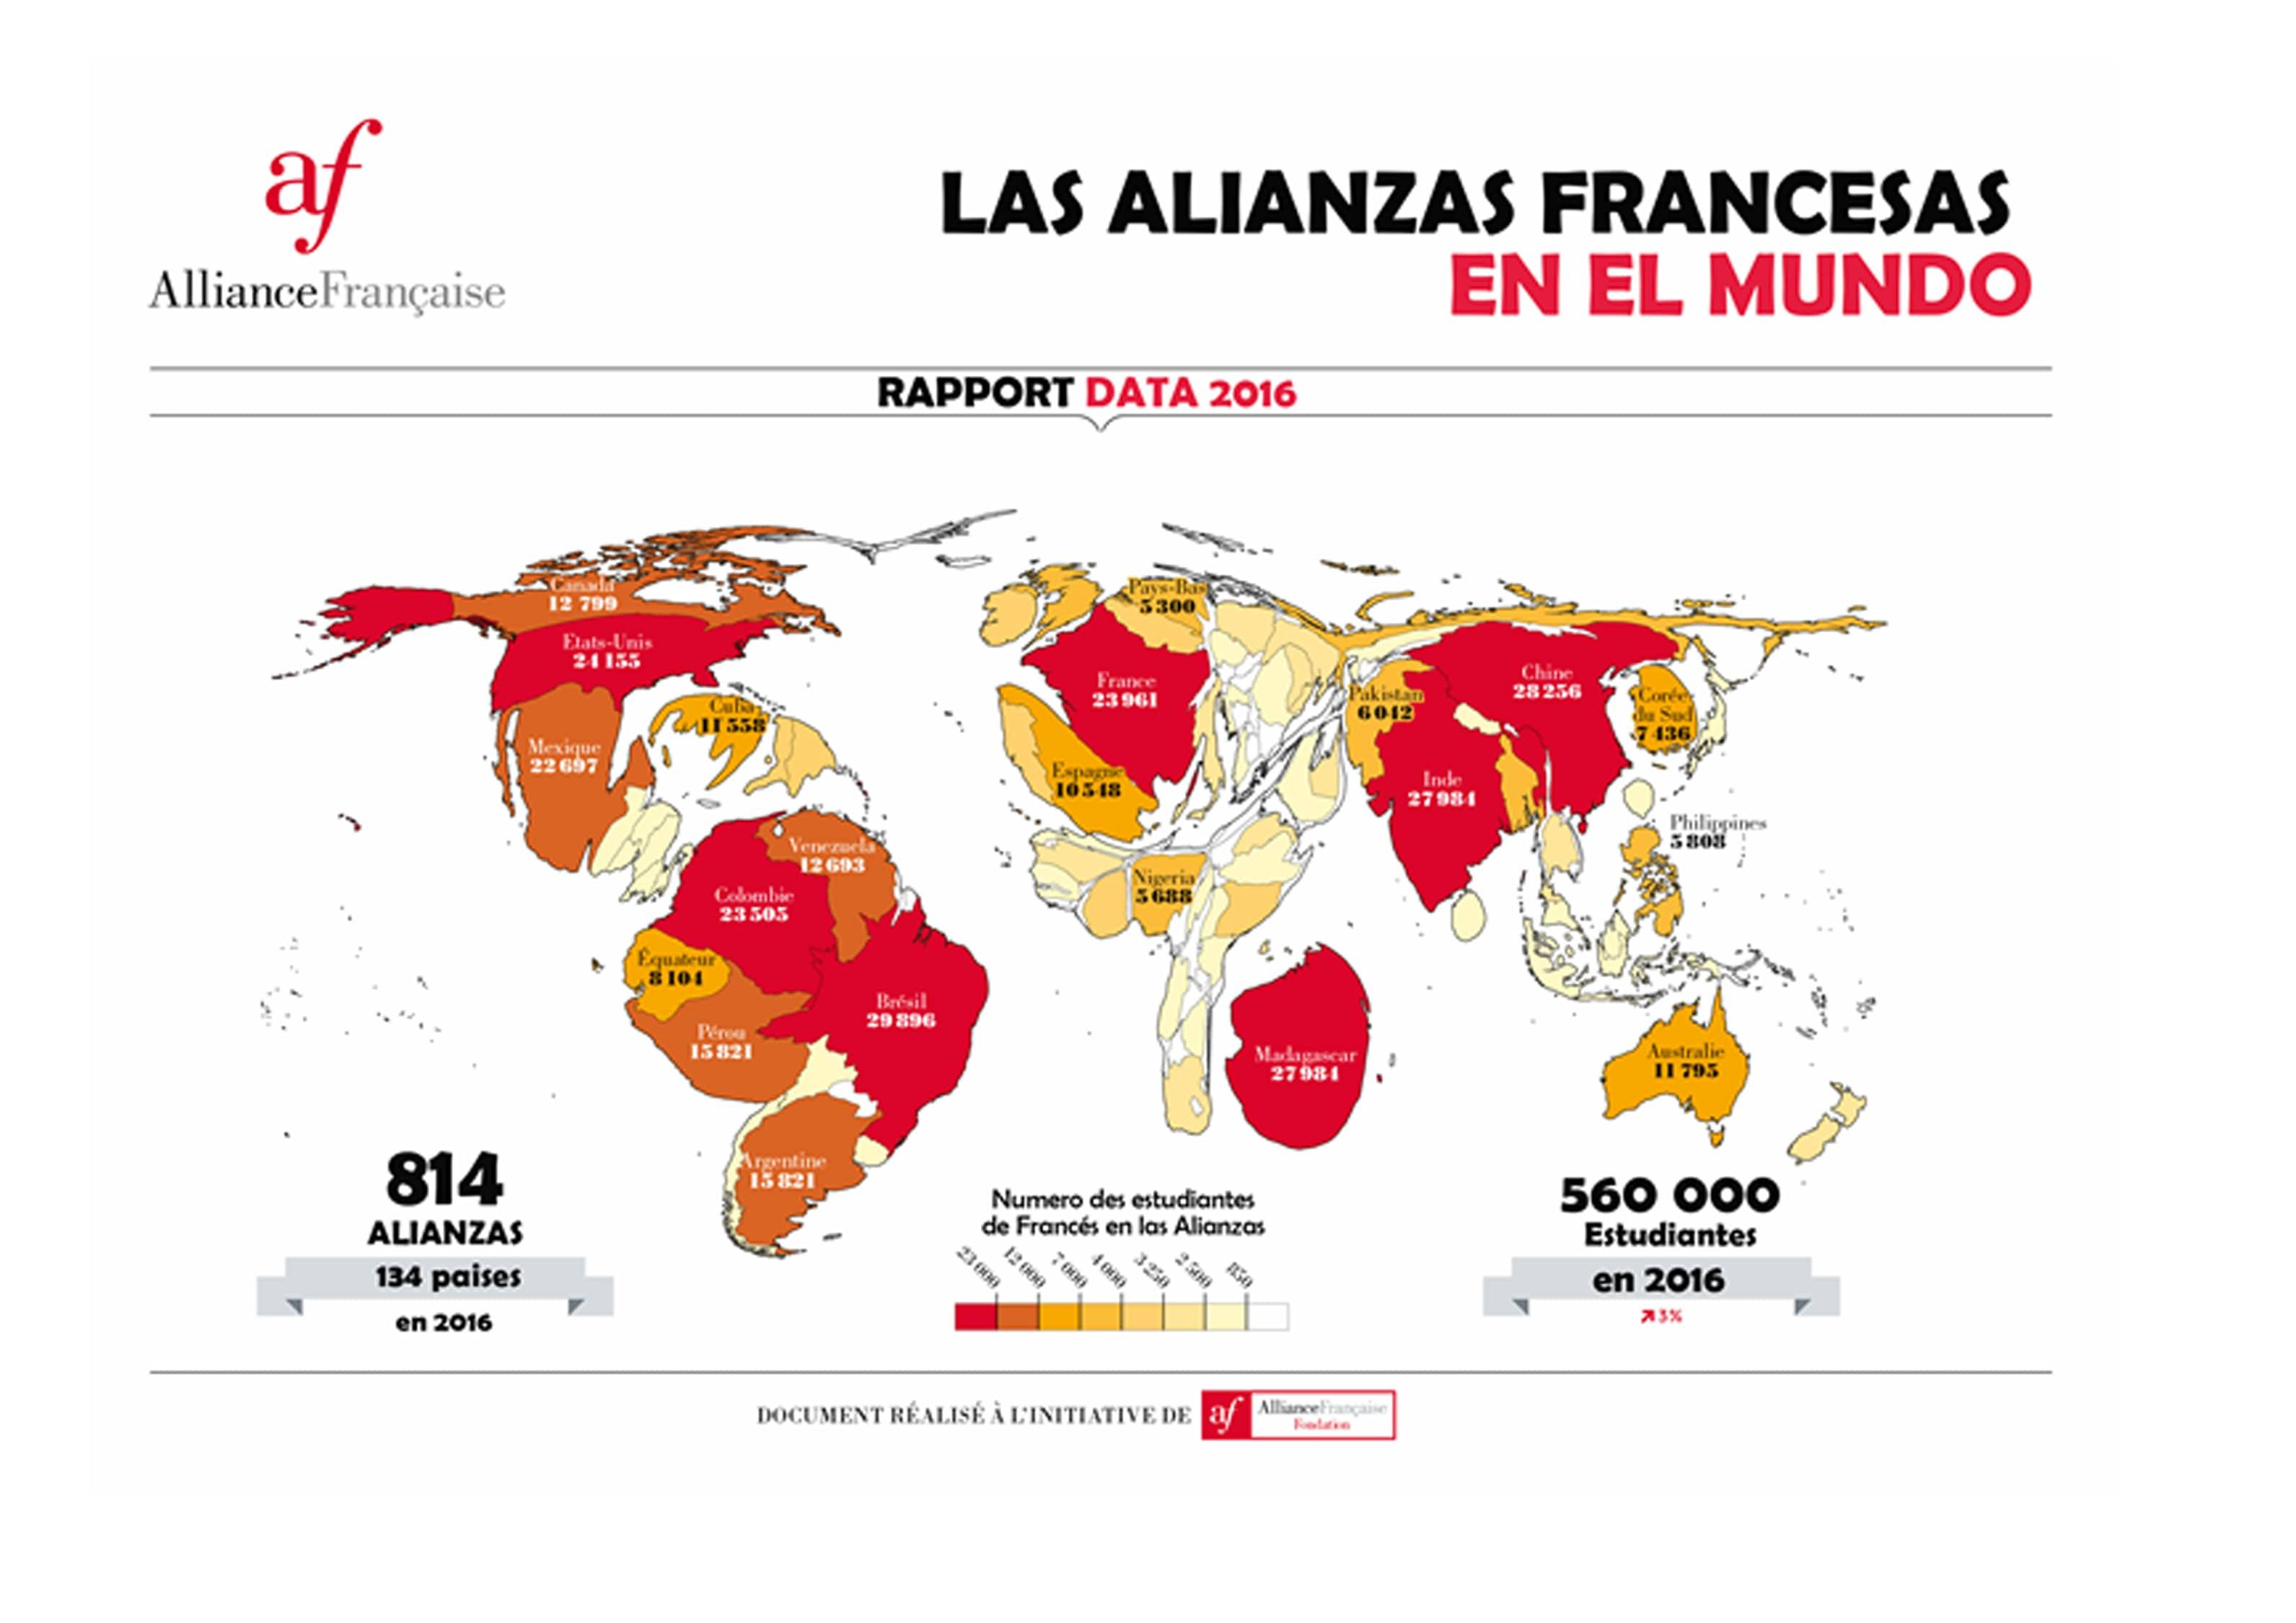 Aprende las diversas localizaciones de las alianzas francesas alrededor del mundo